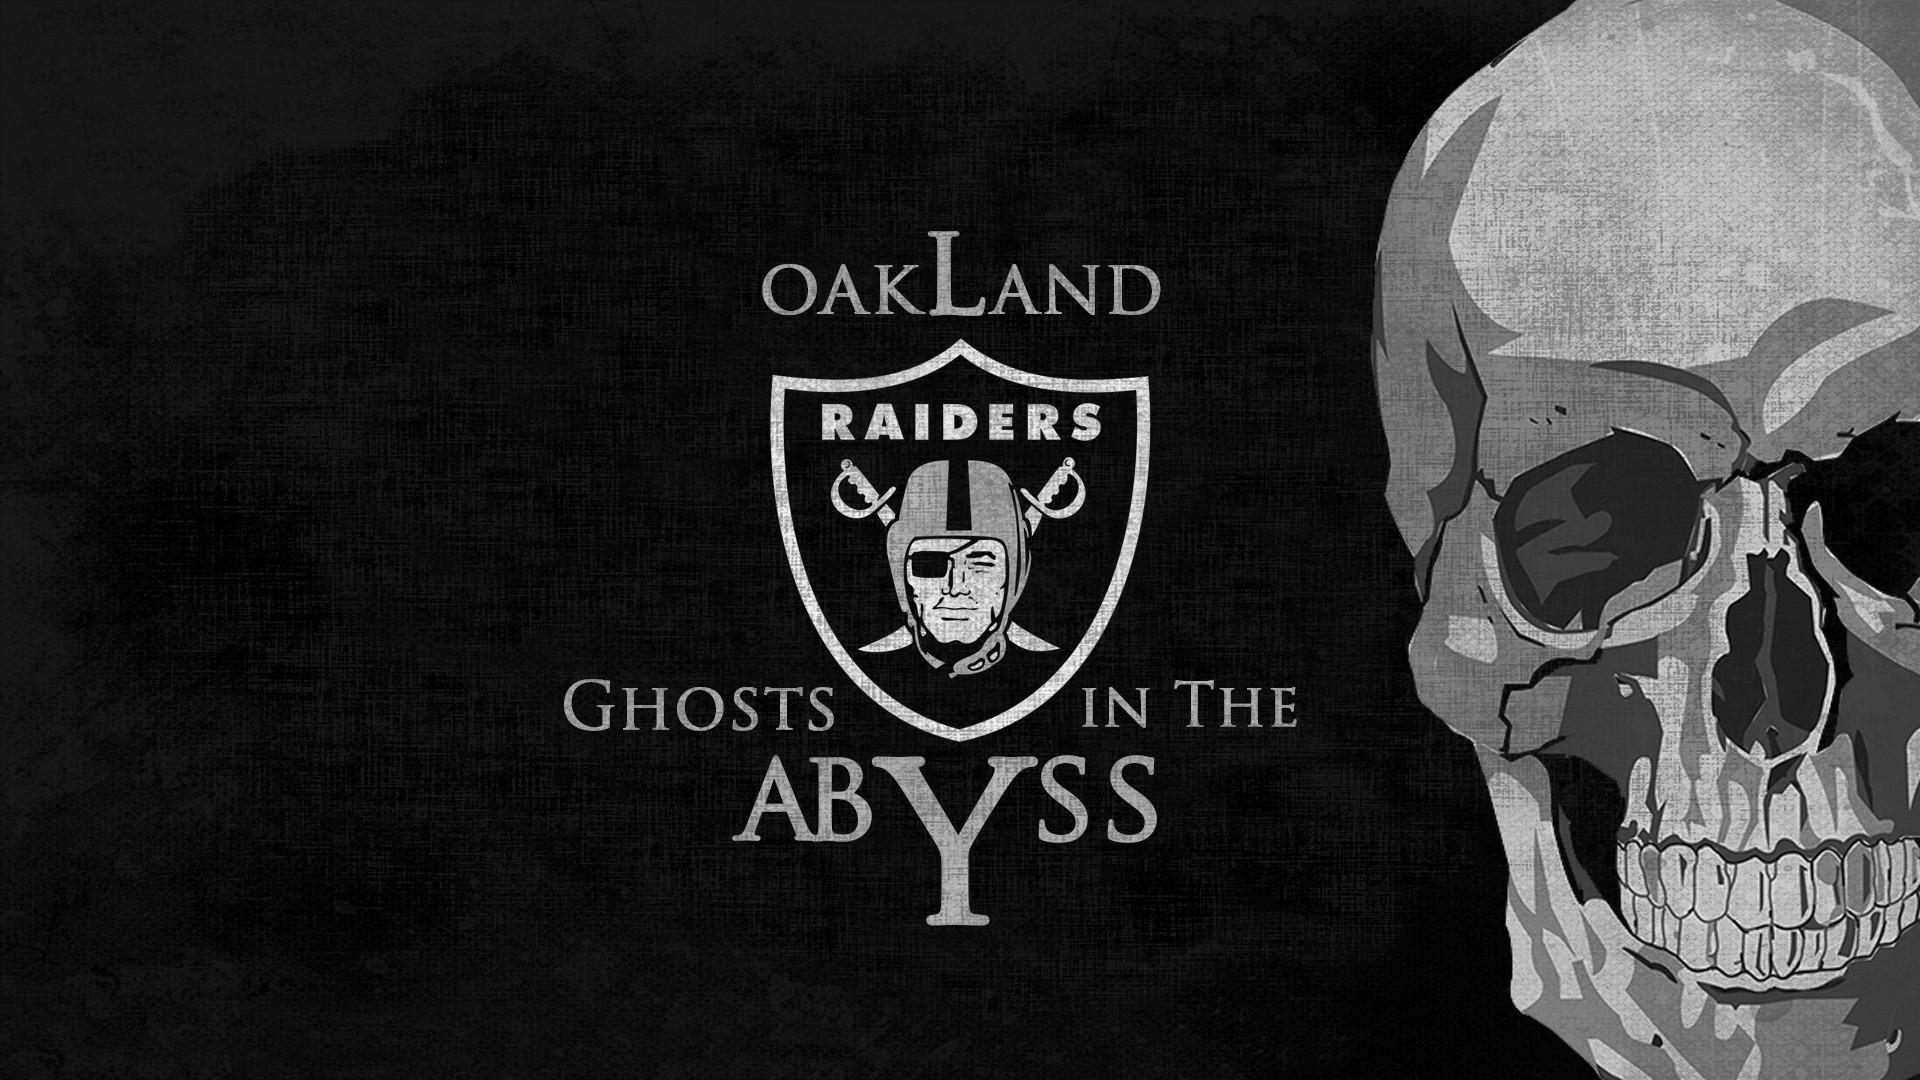 OAKLAND RAIDERS nfl football dark skull wallpaper background